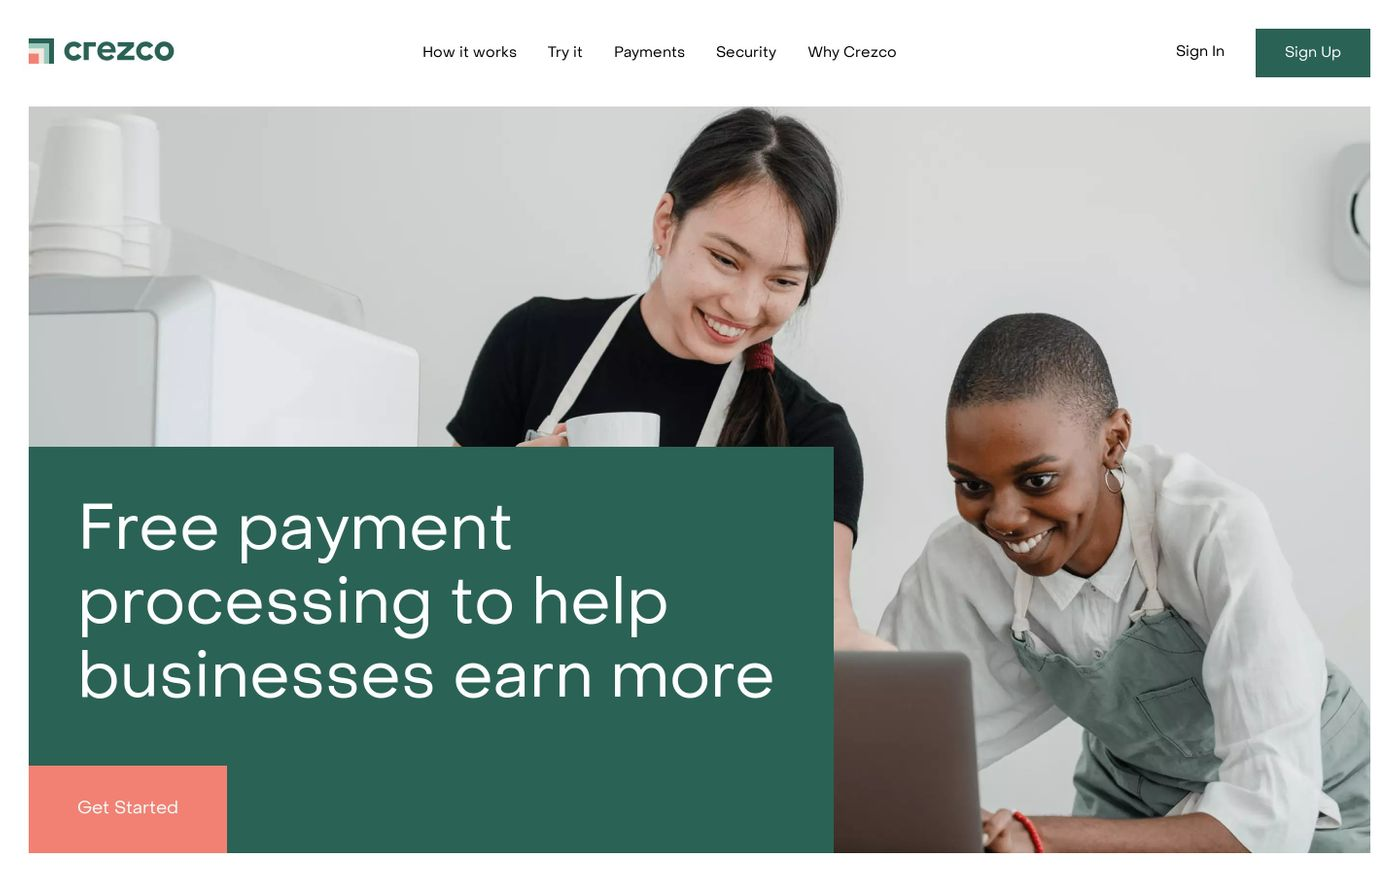 Screenshot of Crezco website